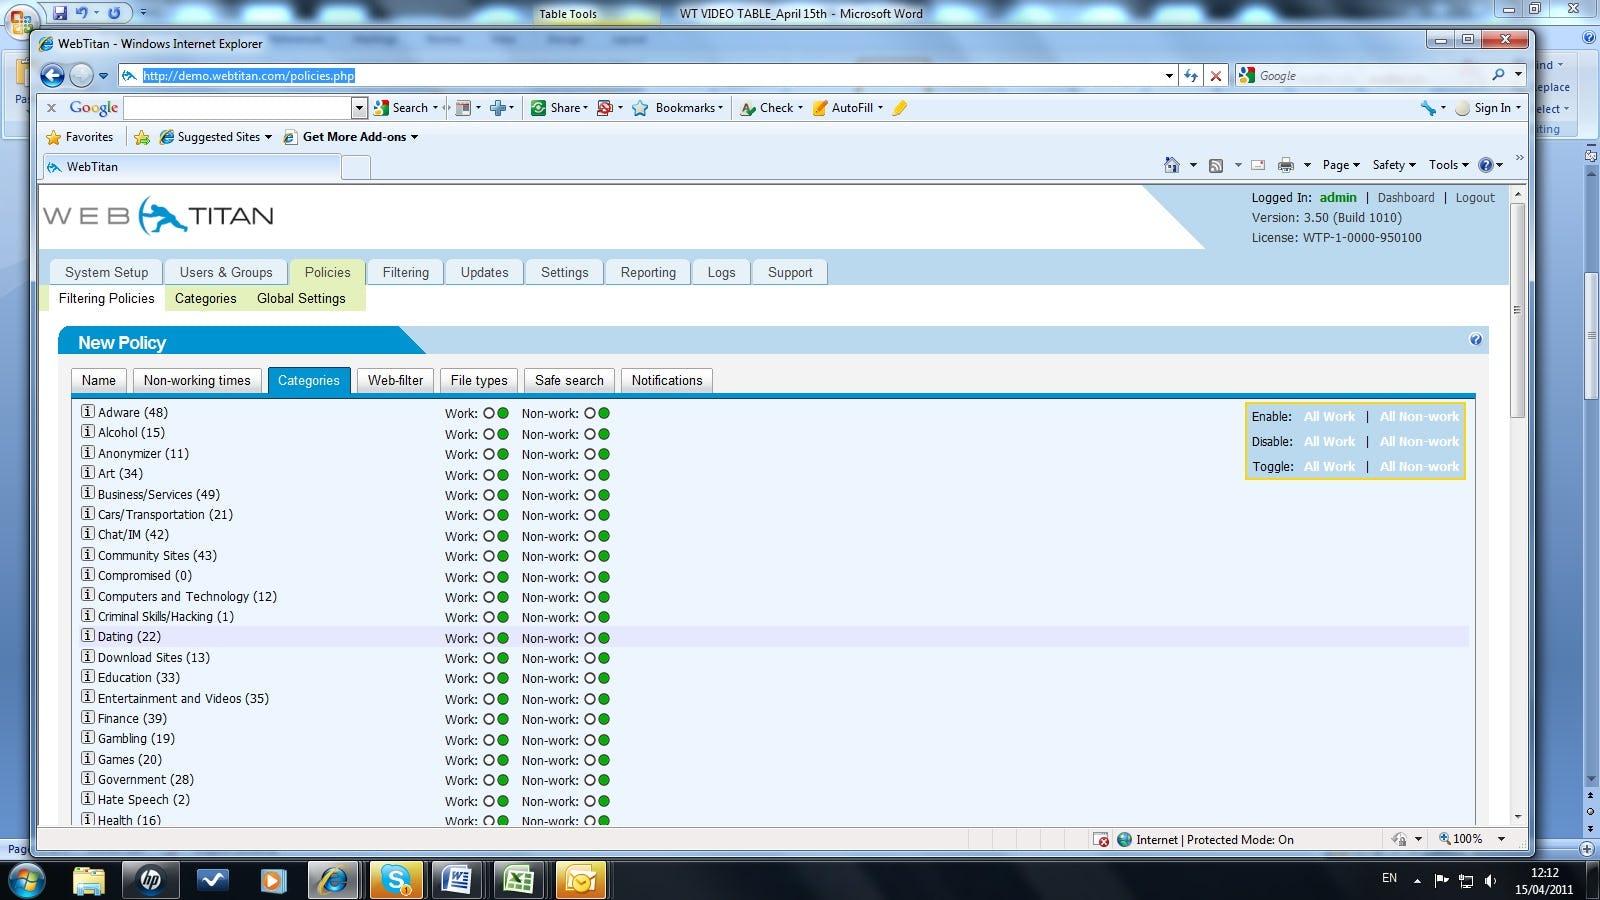 WebTitan - Category screen